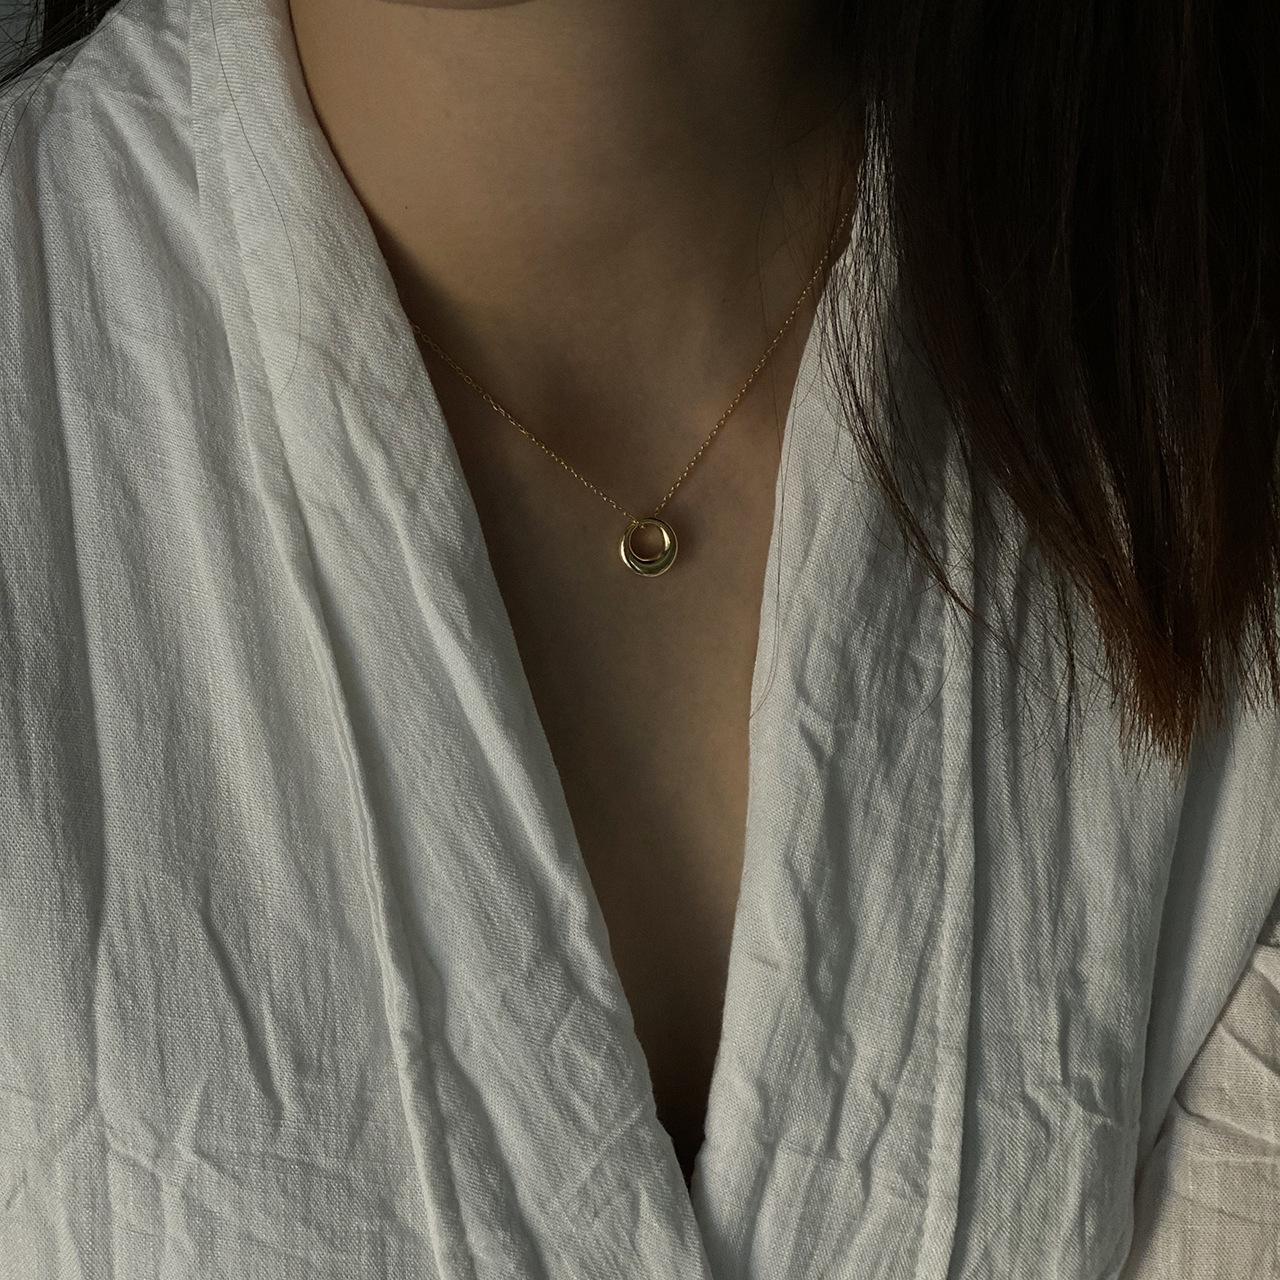 MICY螺旋圆圈项链金色饰品欧美925纯银网红INS流行项链短款锁骨链